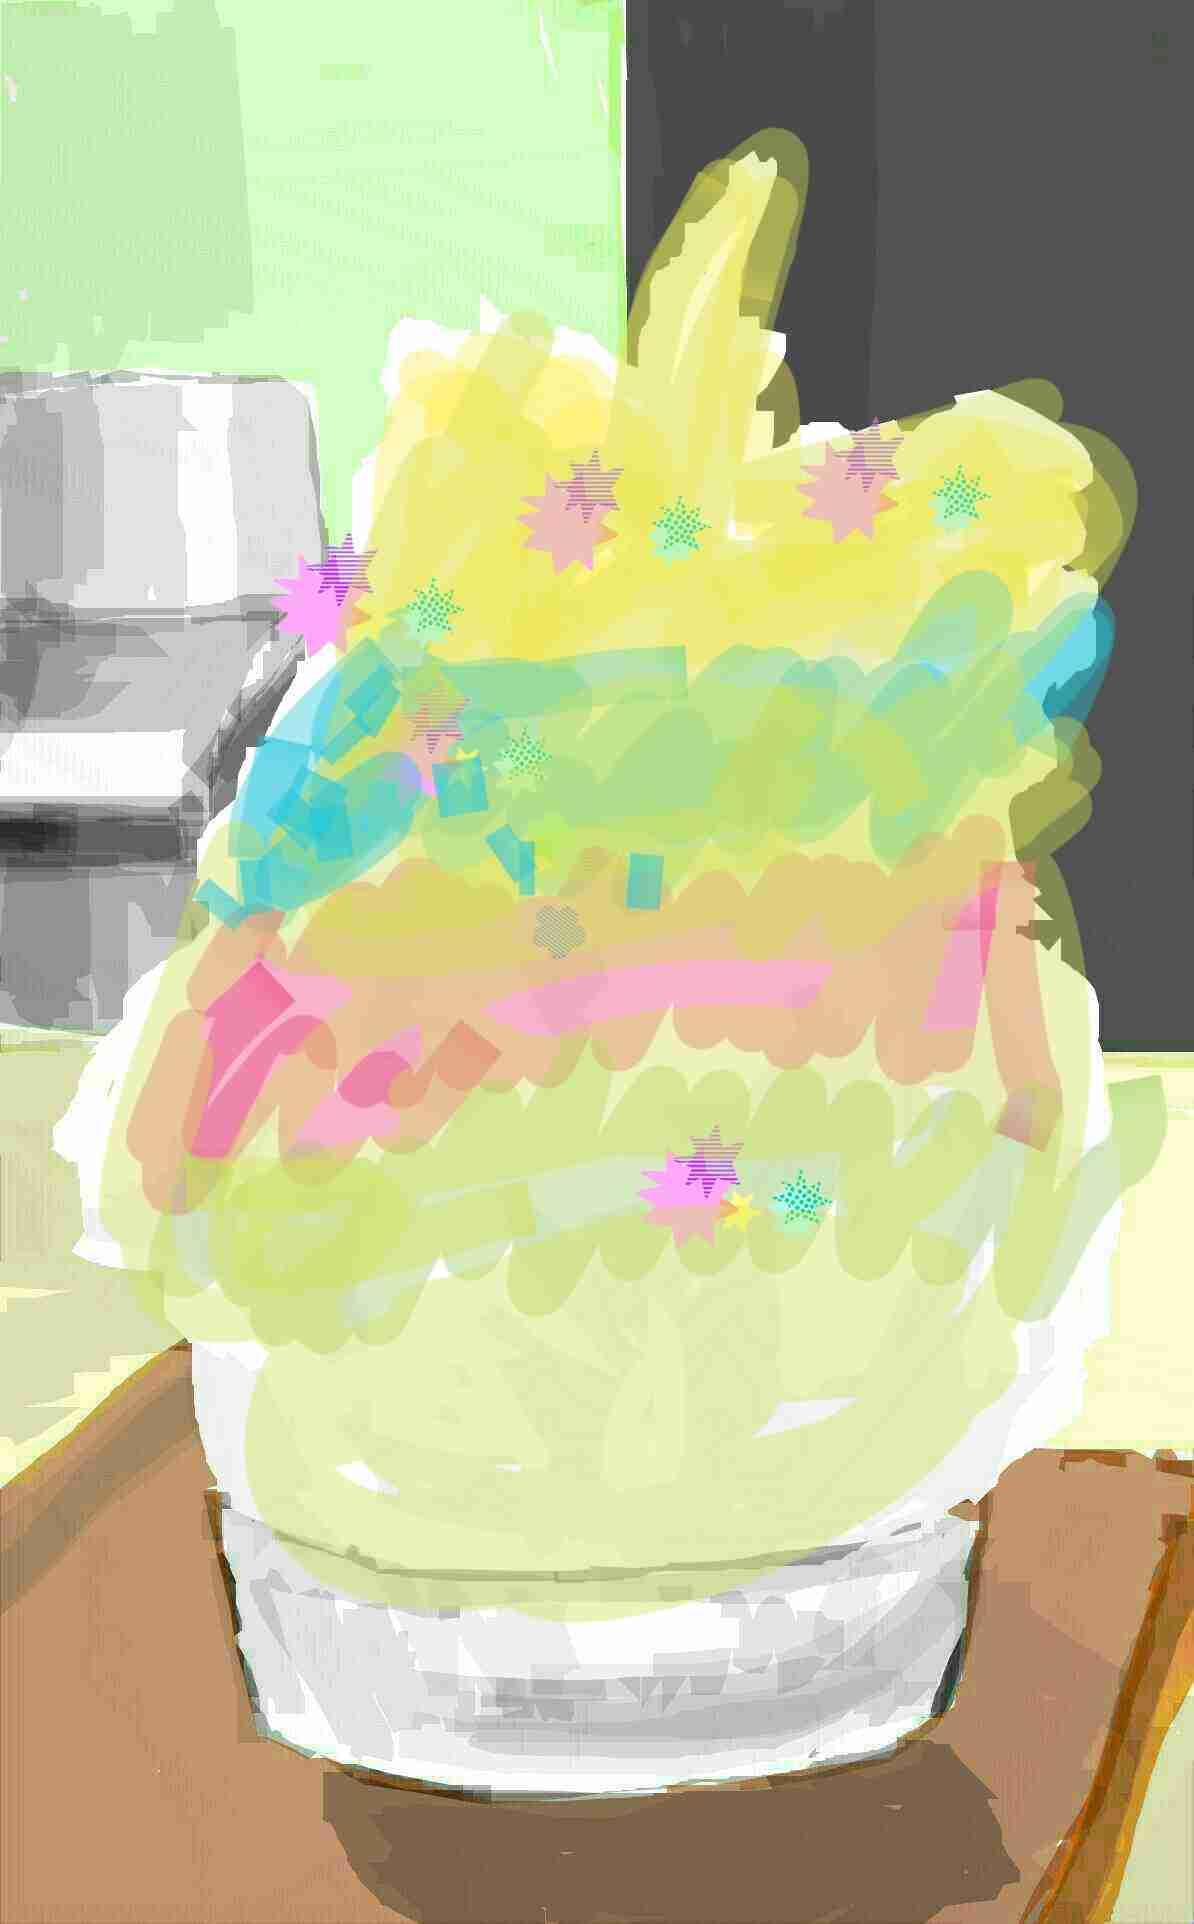 【お絵描き】このカキ氷にシロップをかけてください